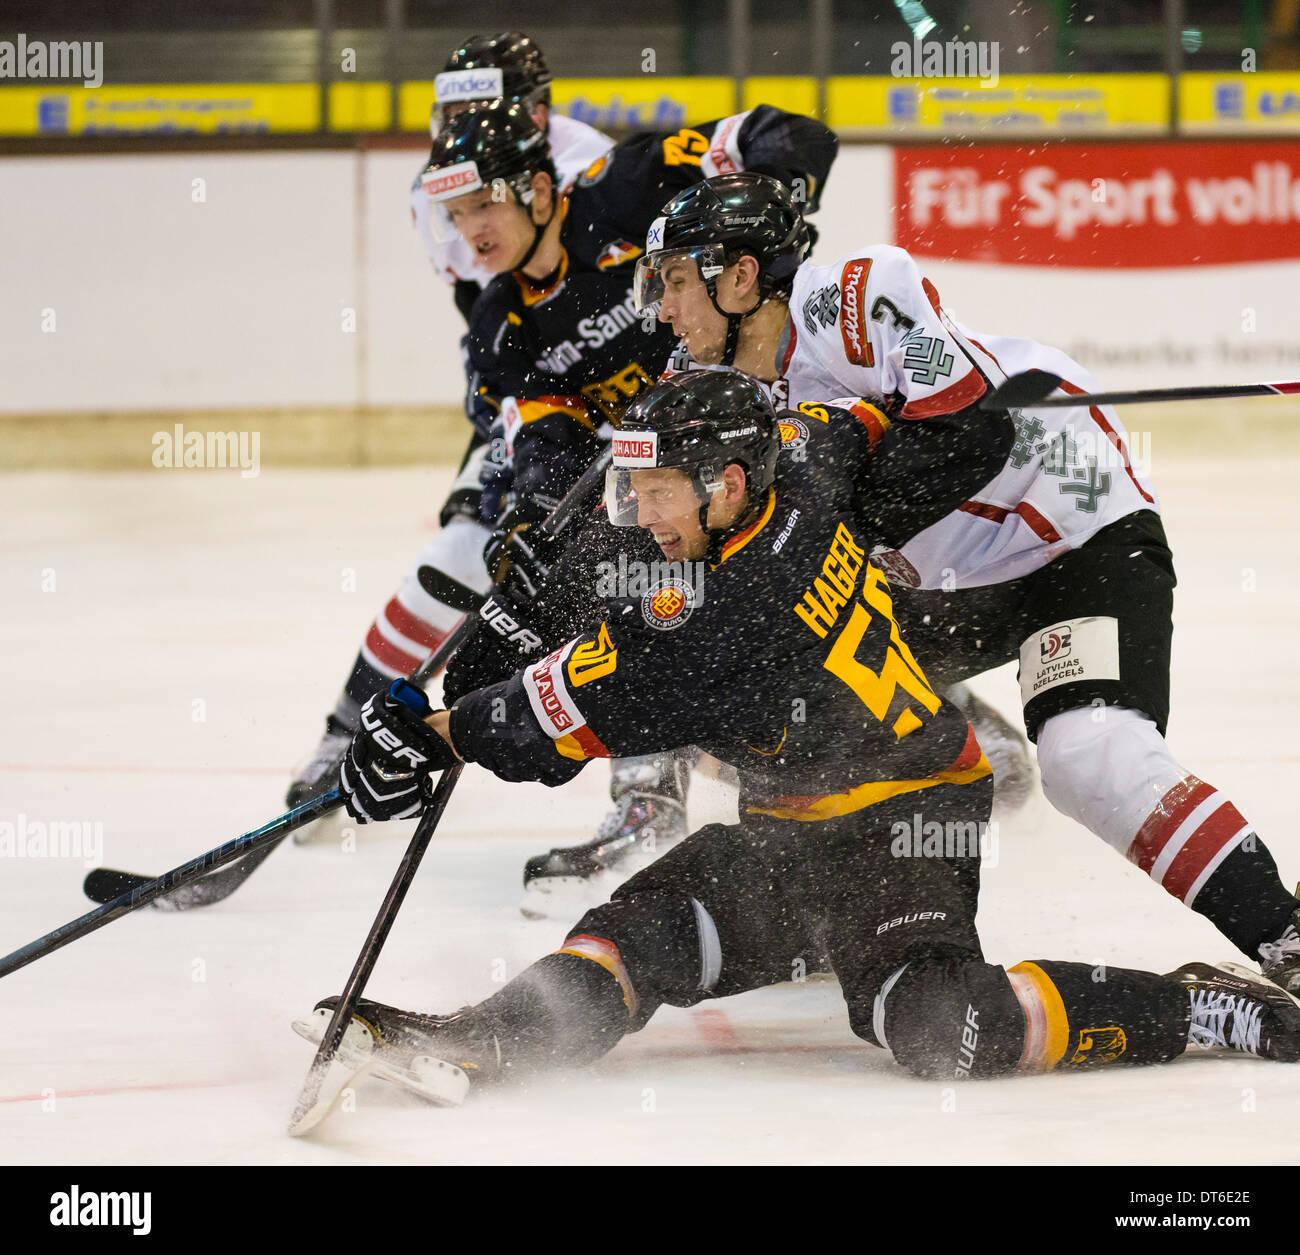 Il tedesco international ice hockey player Patrick Hager, davanti, gioca per il team nazionale tedesco contro la Lettonia. Immagini Stock